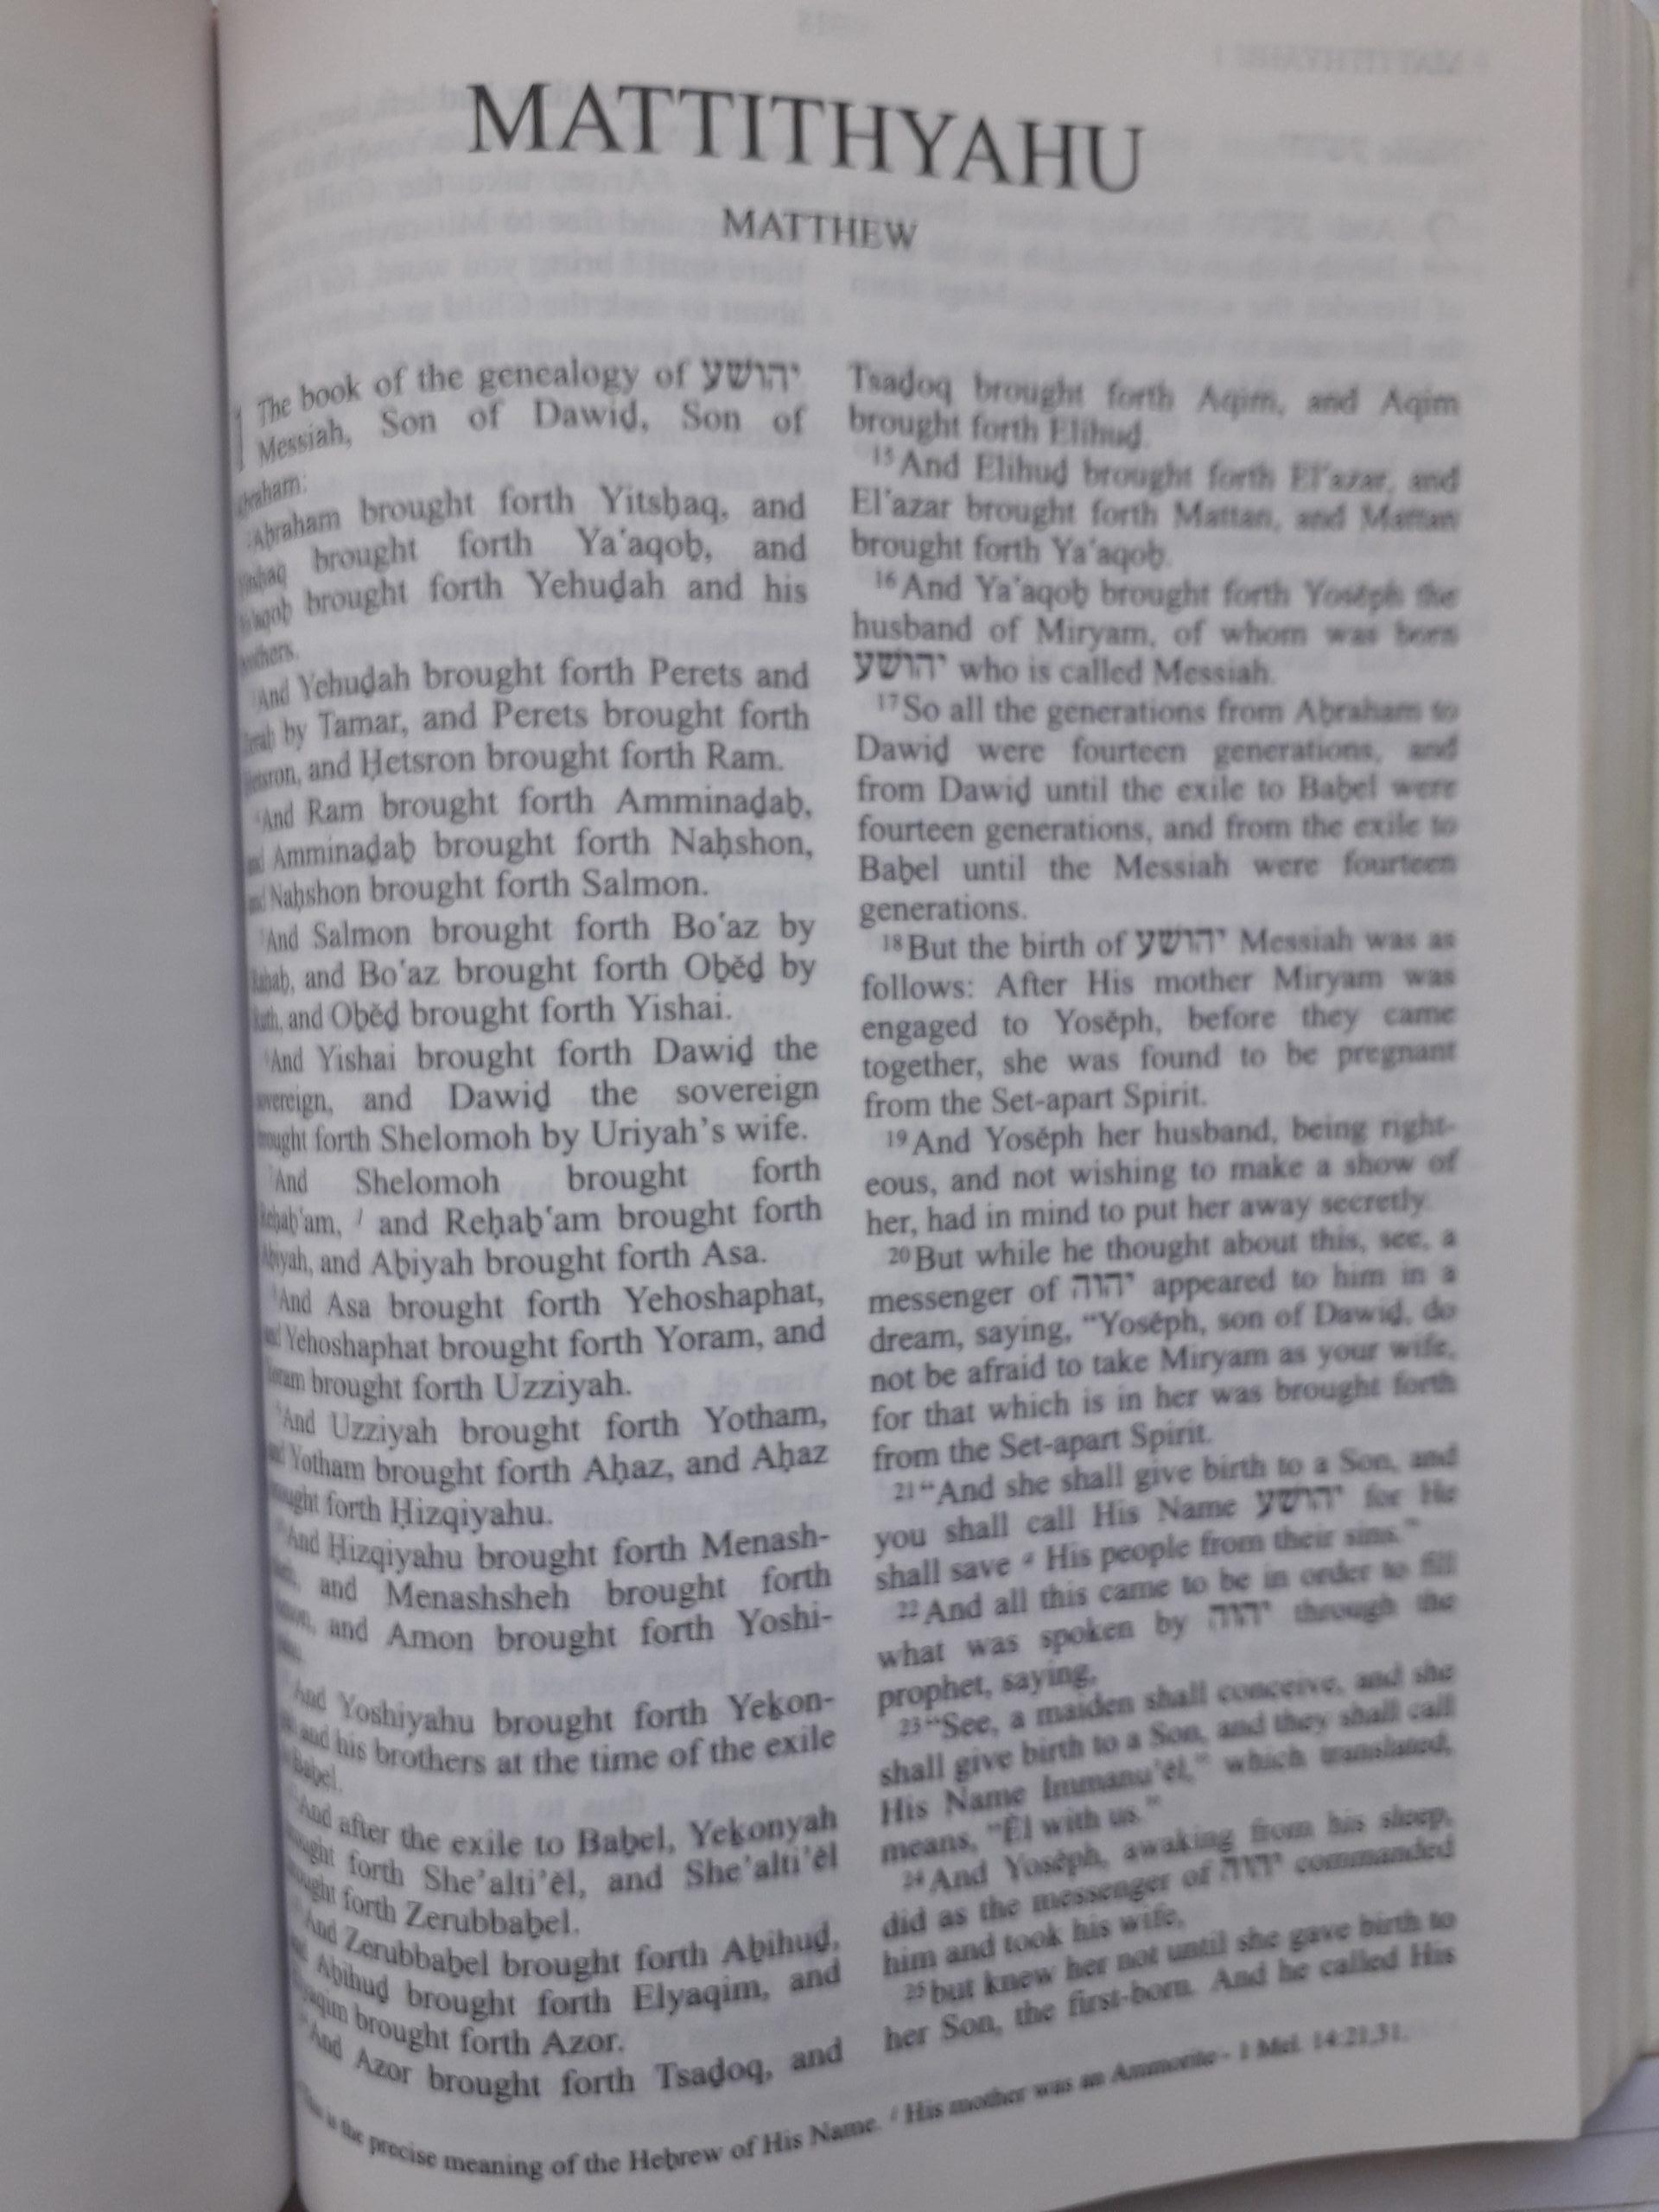 Matthew's Jewish Gospel about a Jewish Messiah